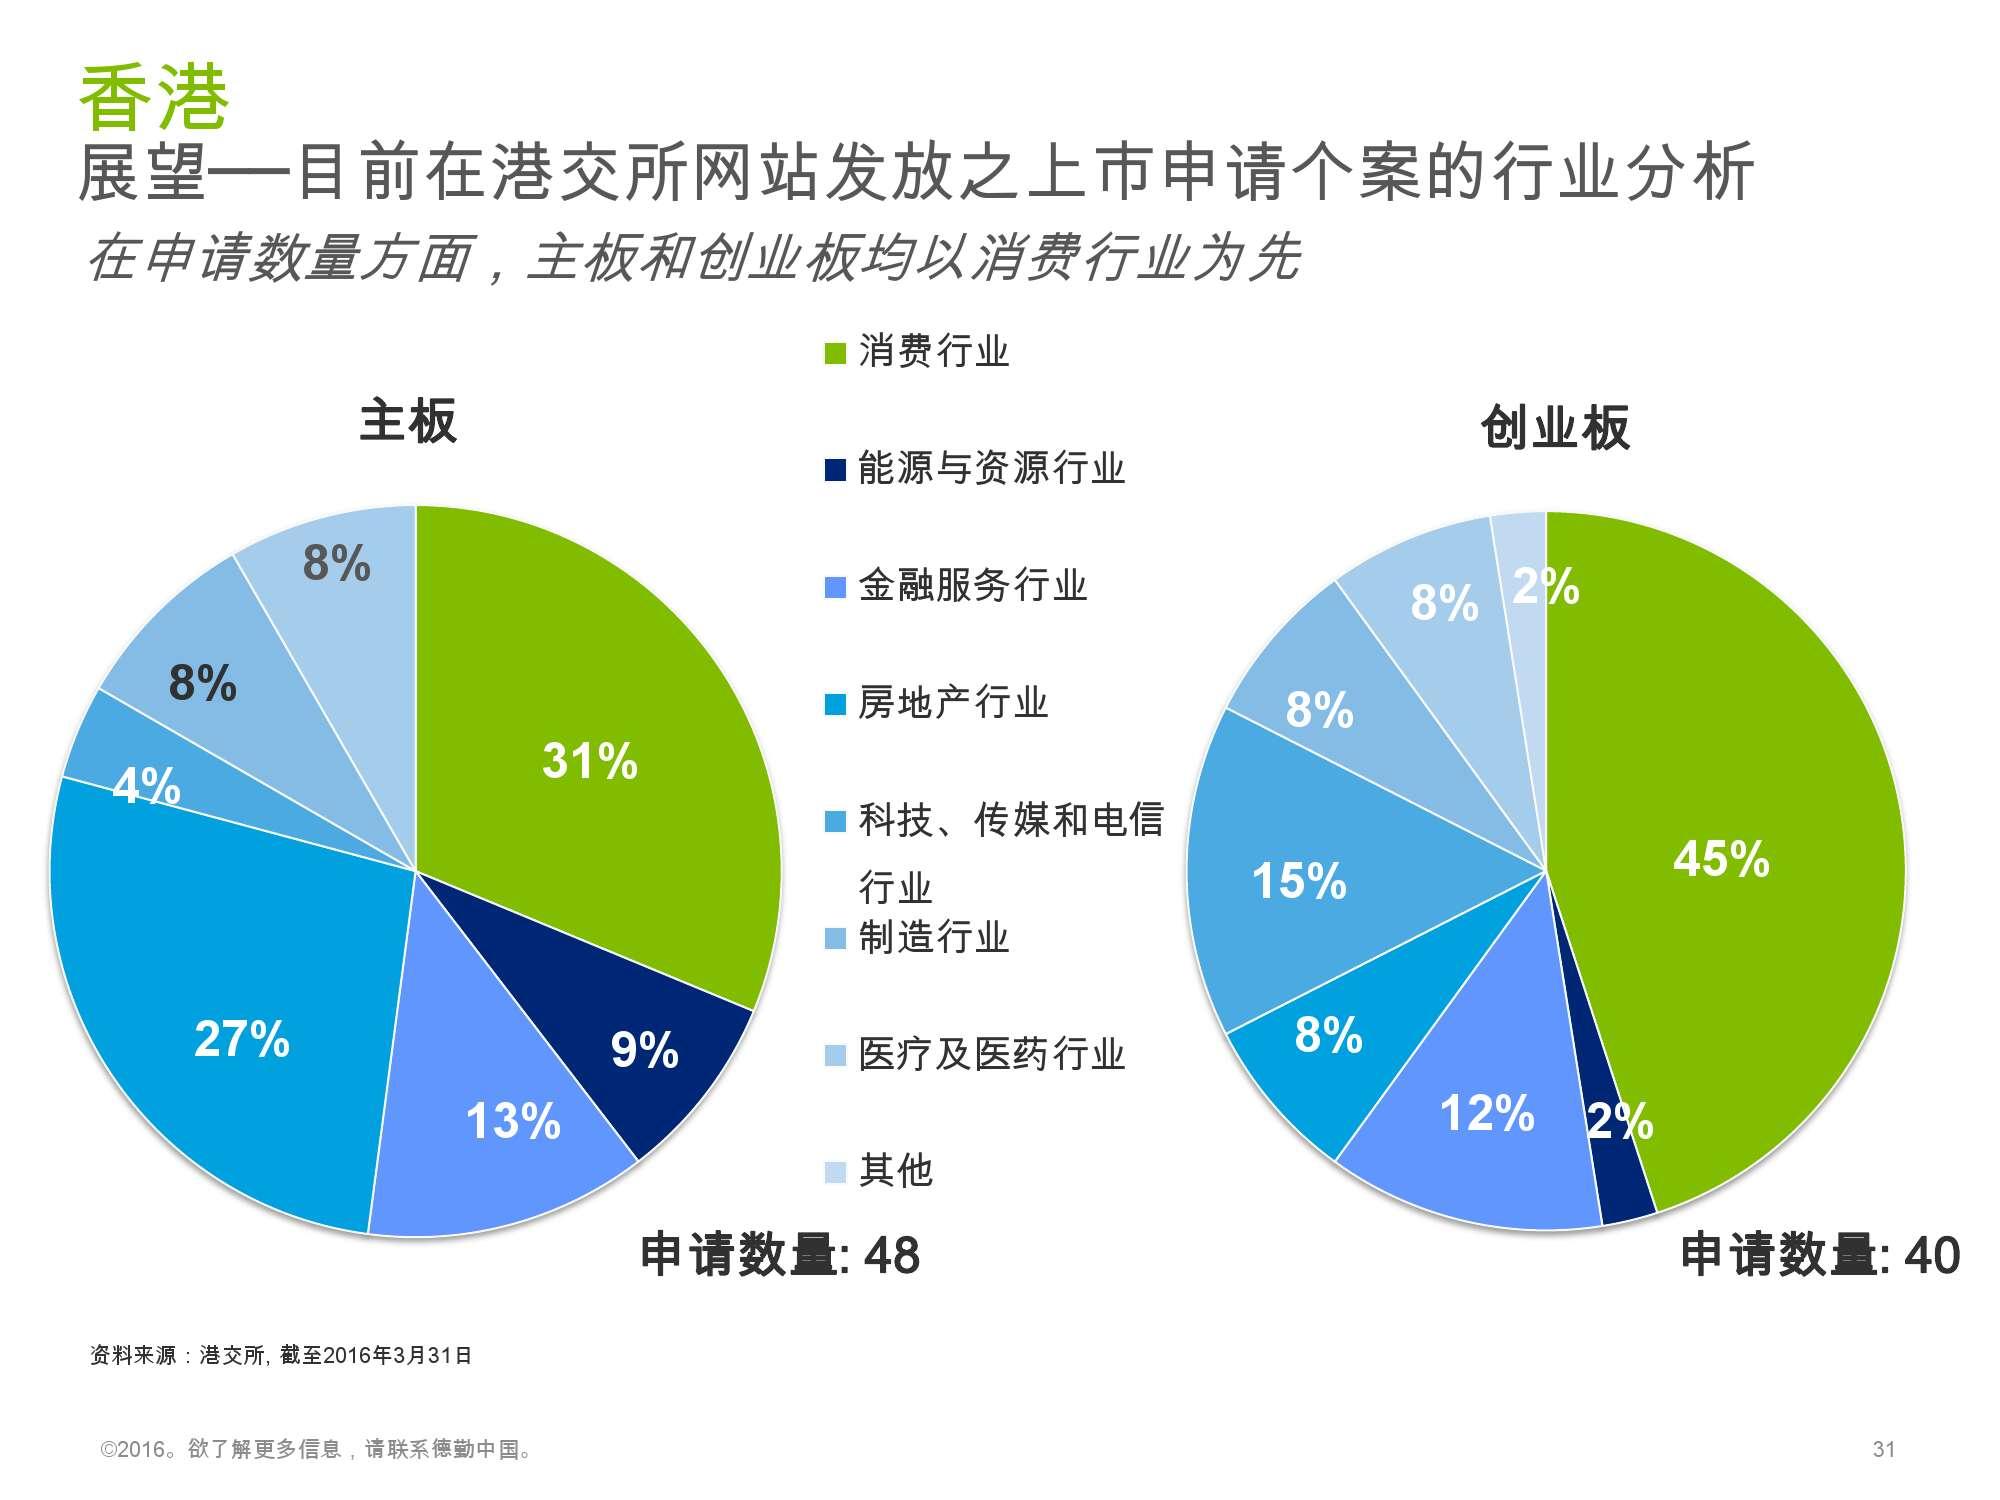 香港及中国大陆IPO市场2016年1季度_000031